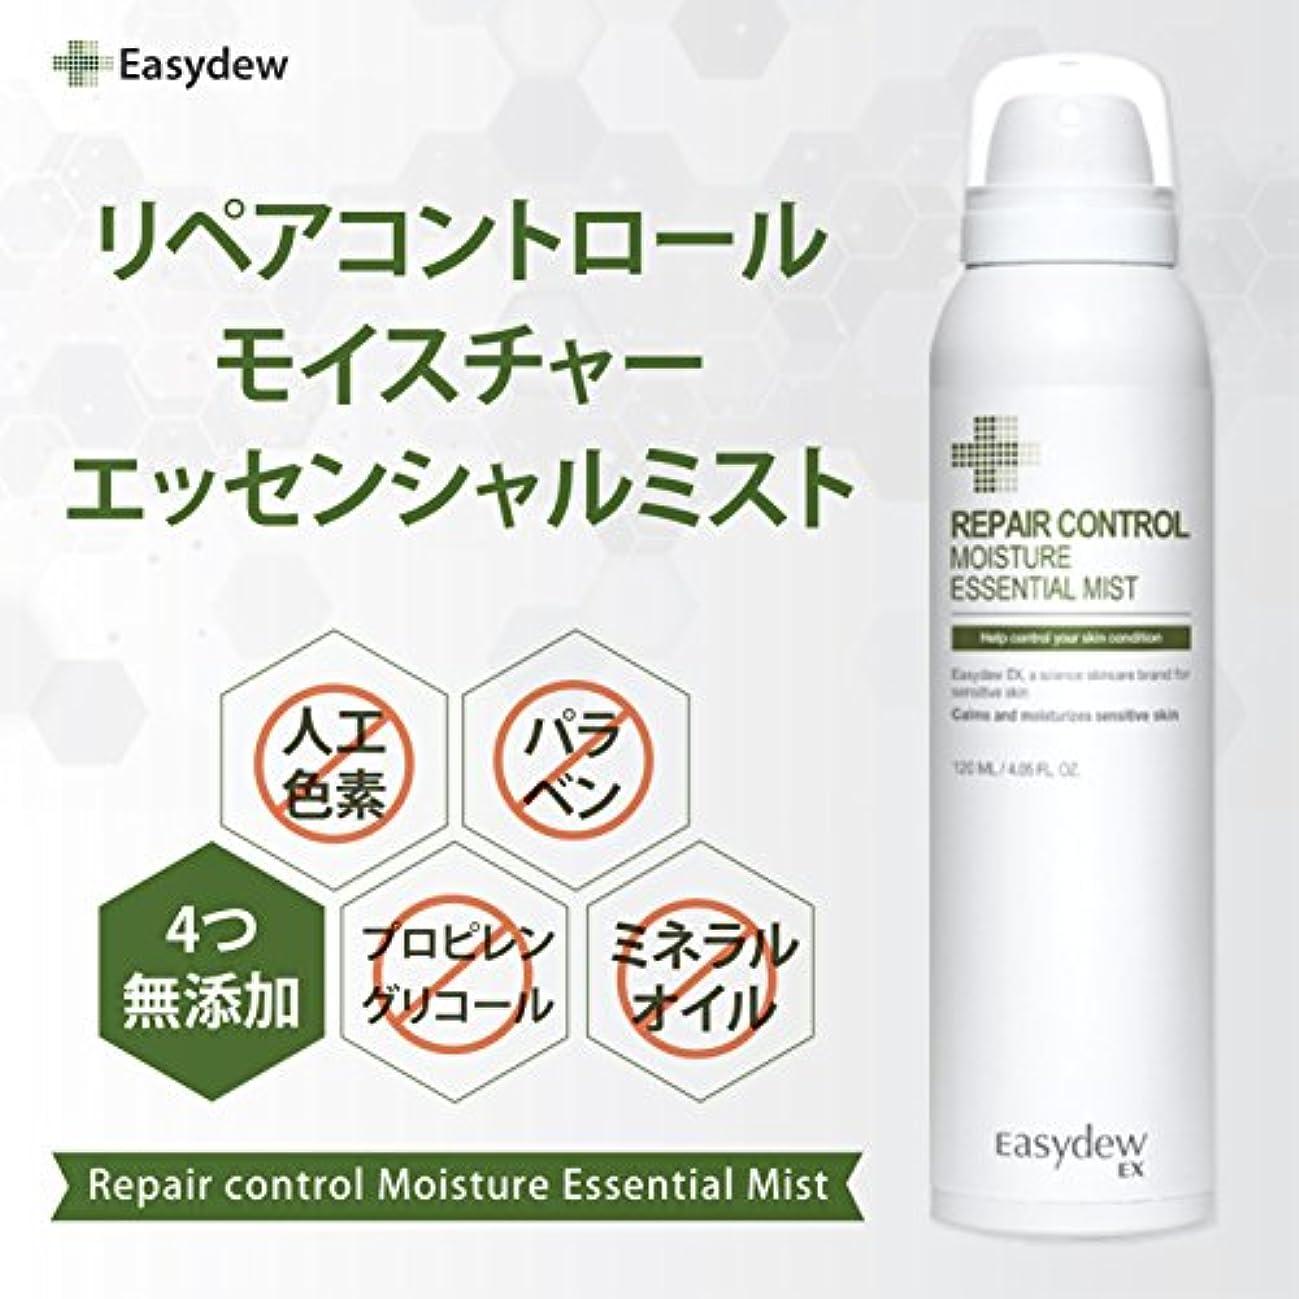 アルミニウム摂動外交EASYDEW EX リペア コントロール モイスチャー エッセンシャル ミスト Repair Control Moisture Essential Mist 120ml